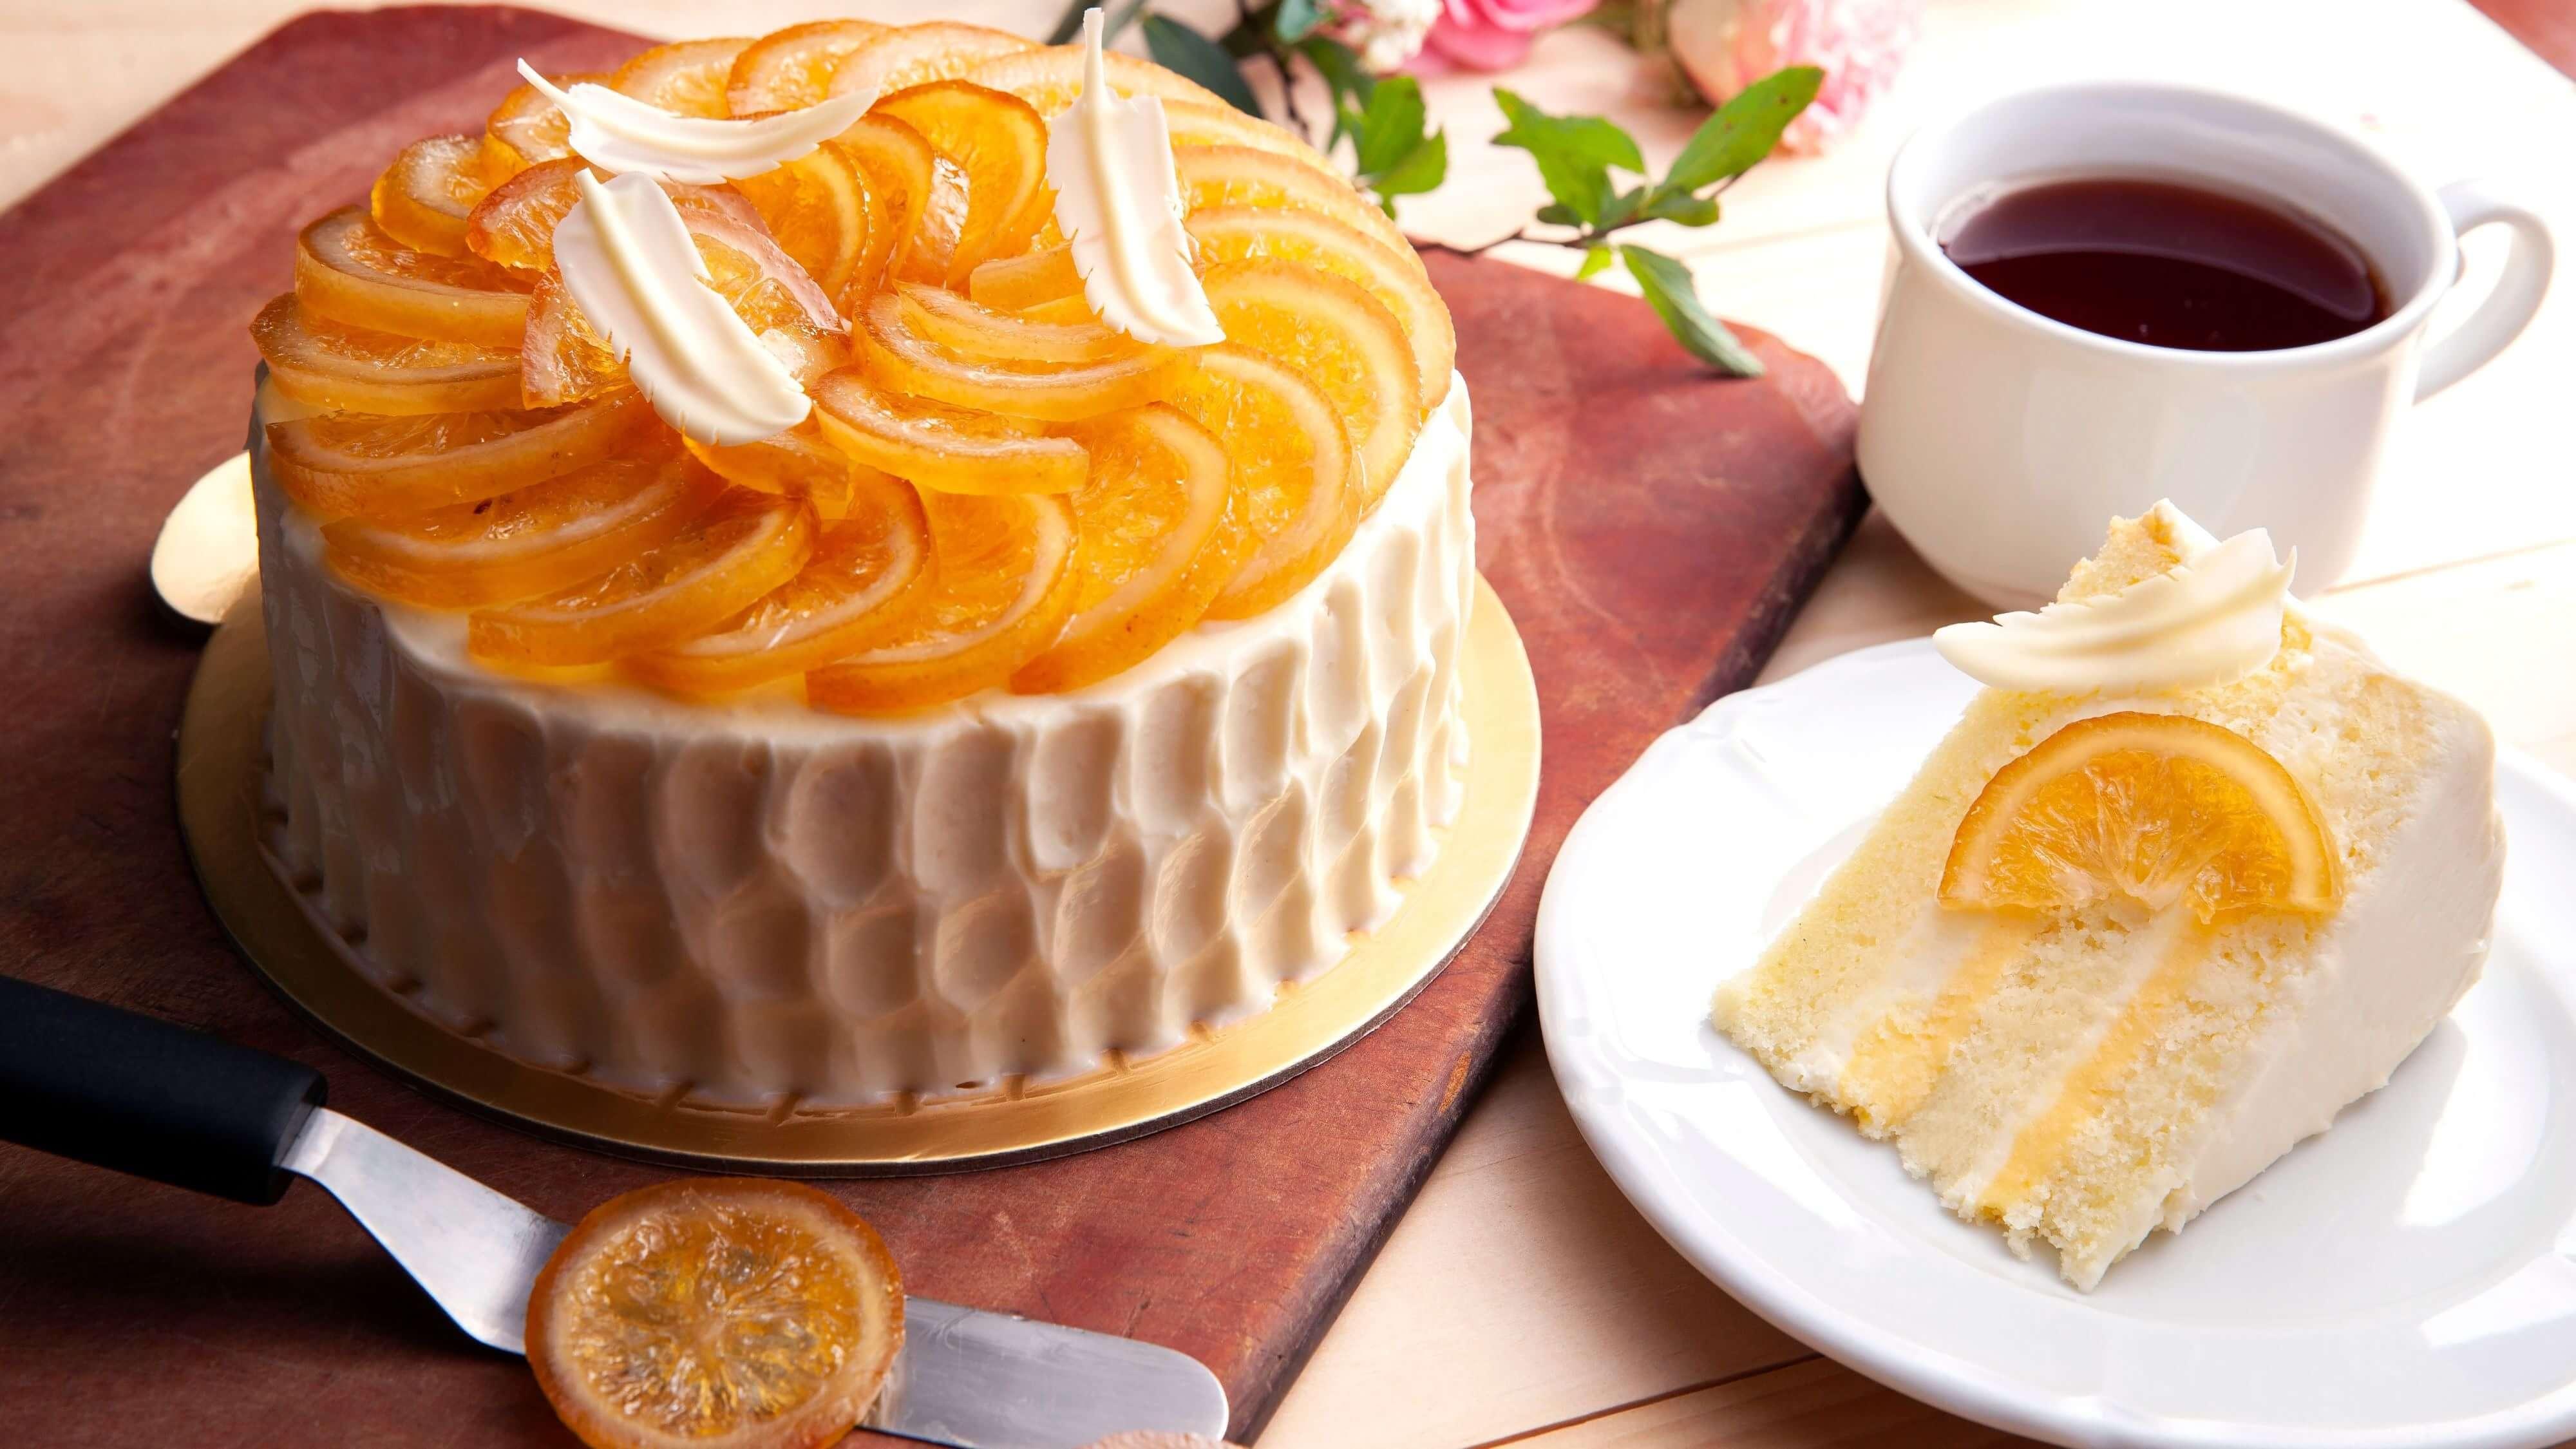 台北西華飯店母親節蛋糕酪檸雪吻。(圖片/台北西華飯店提供)